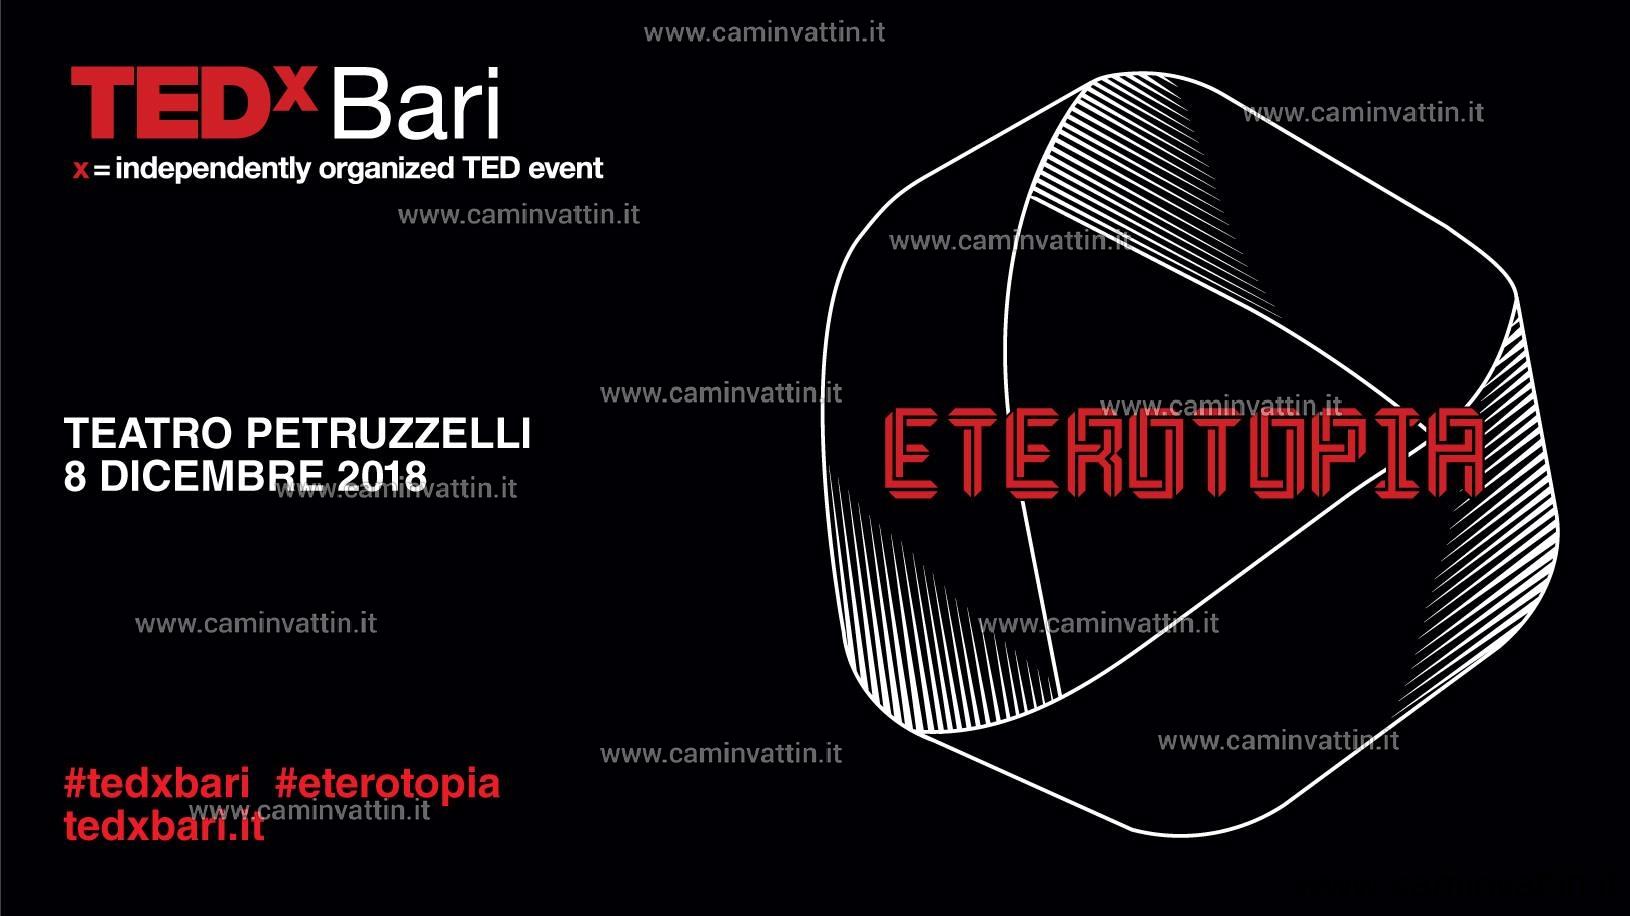 TEDxBari 2018 Eterotopia Teatro Petruzzelli